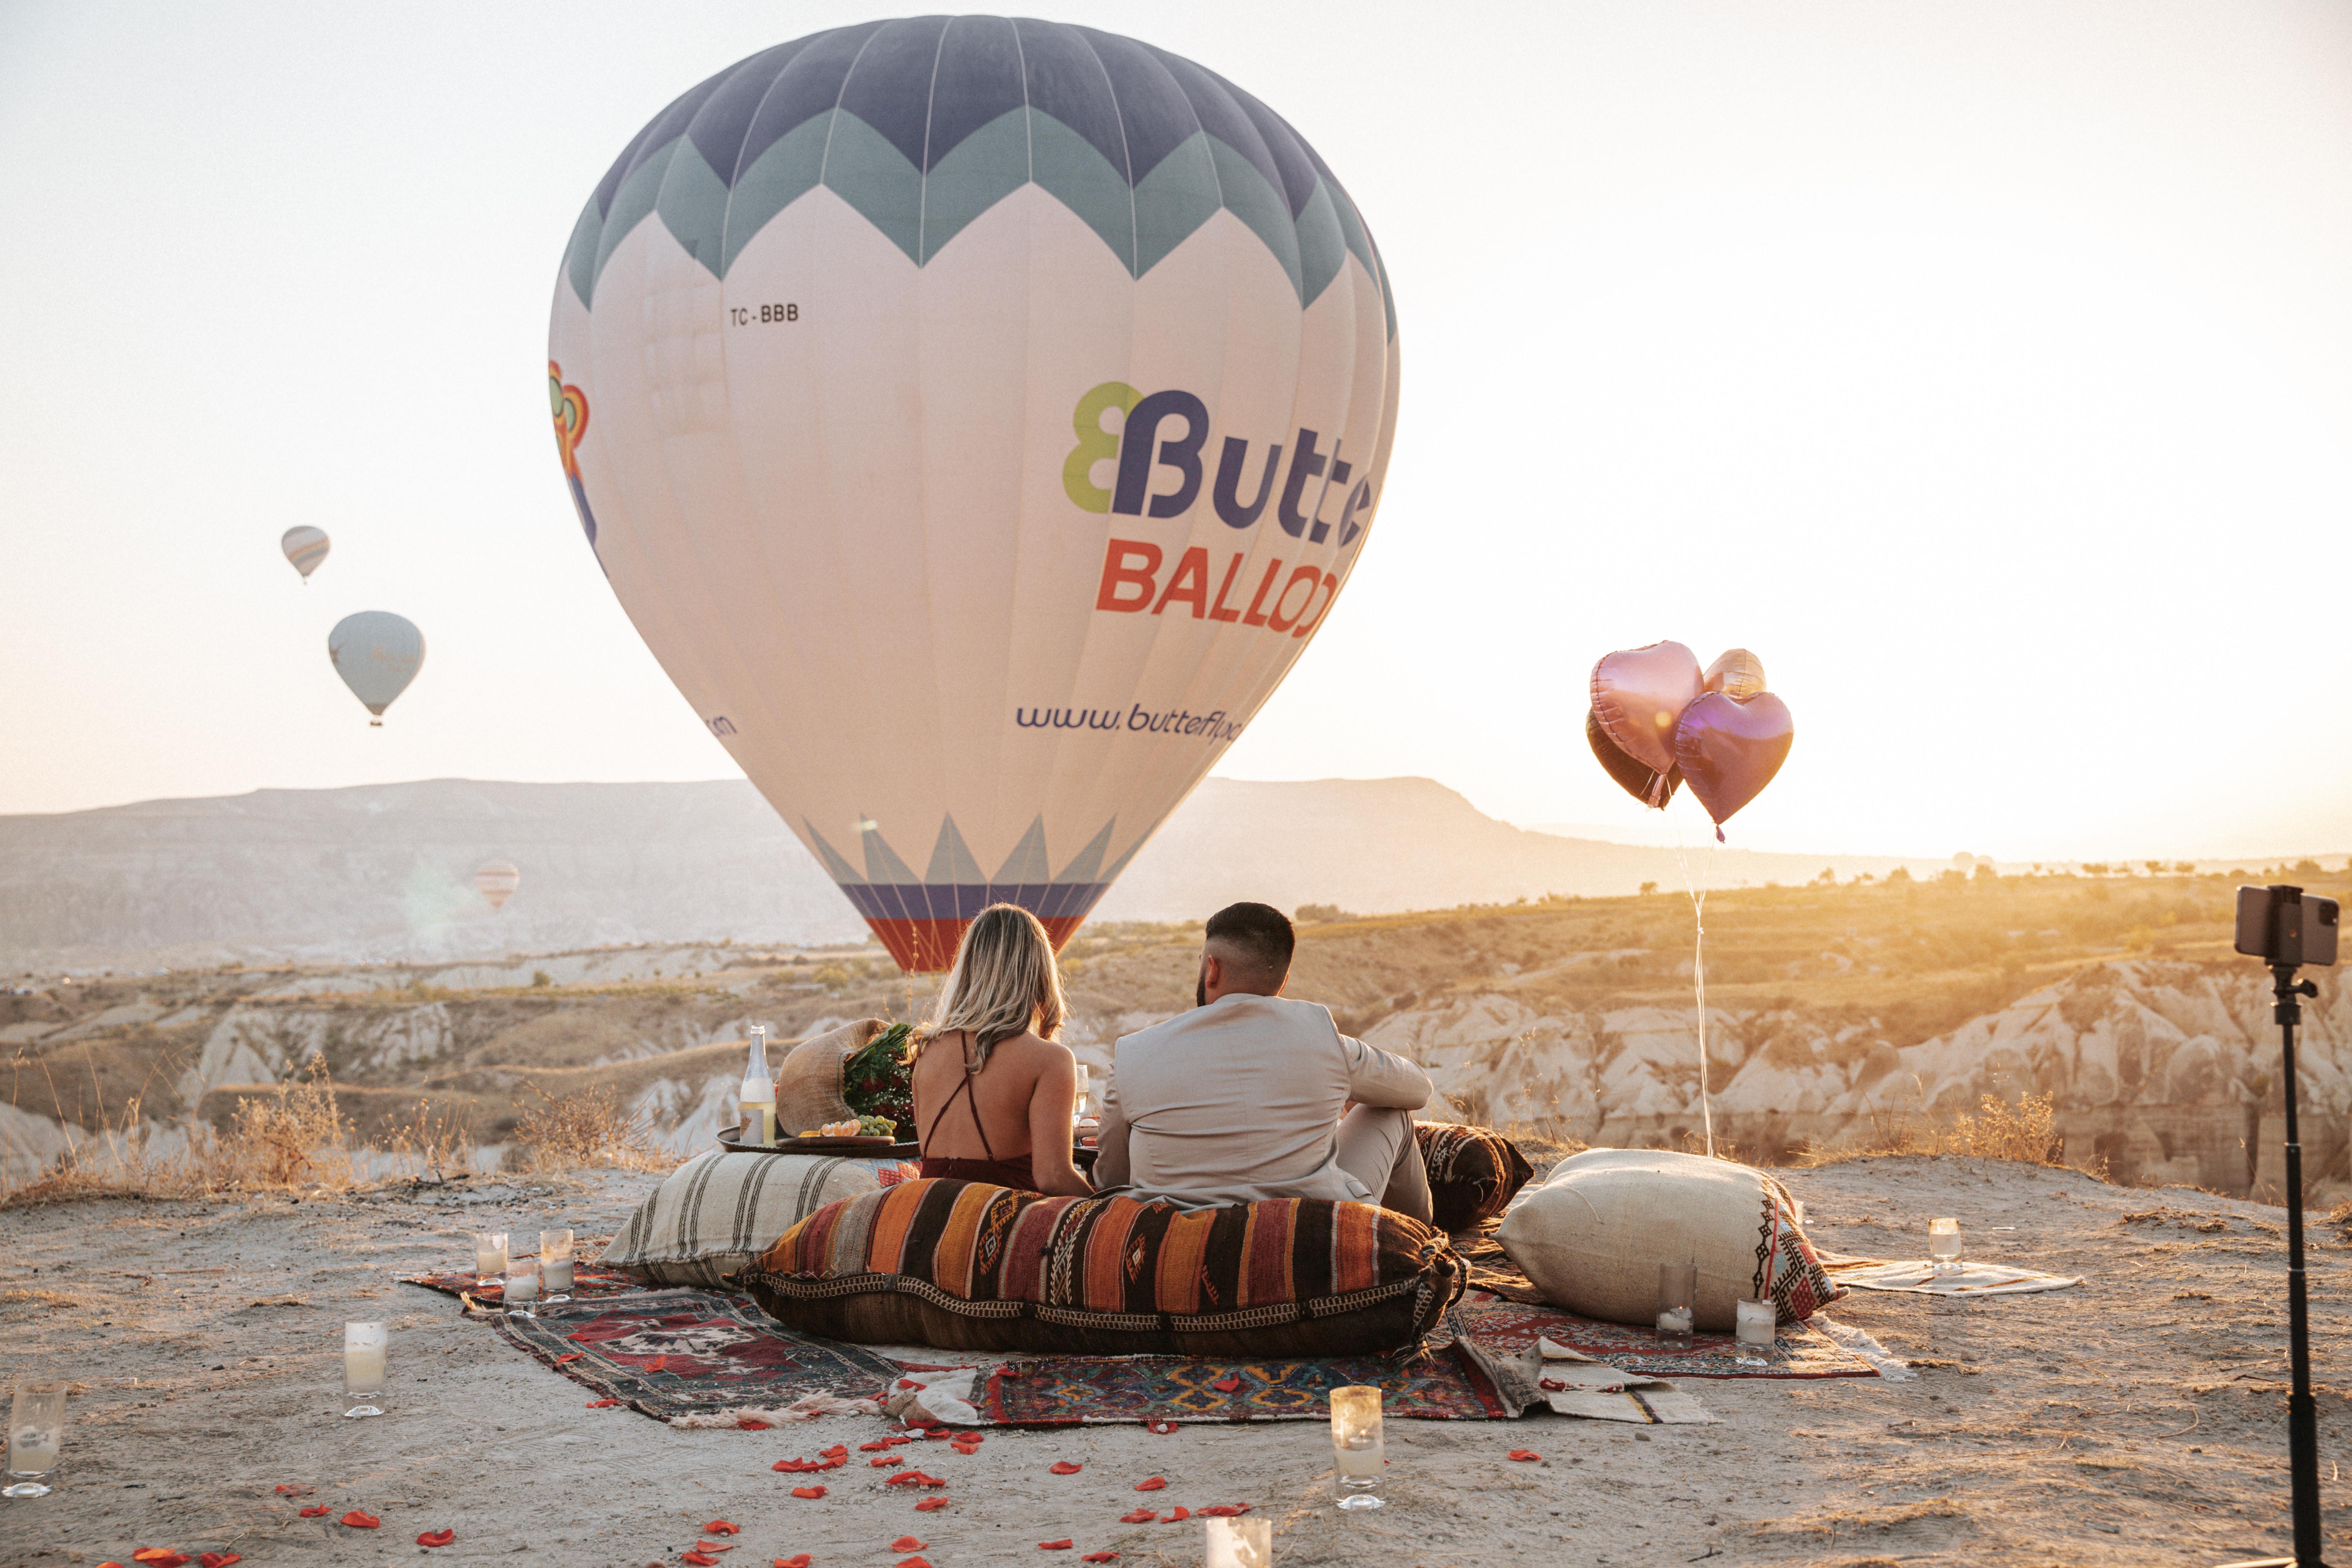 Hot Ar Balloon Ride